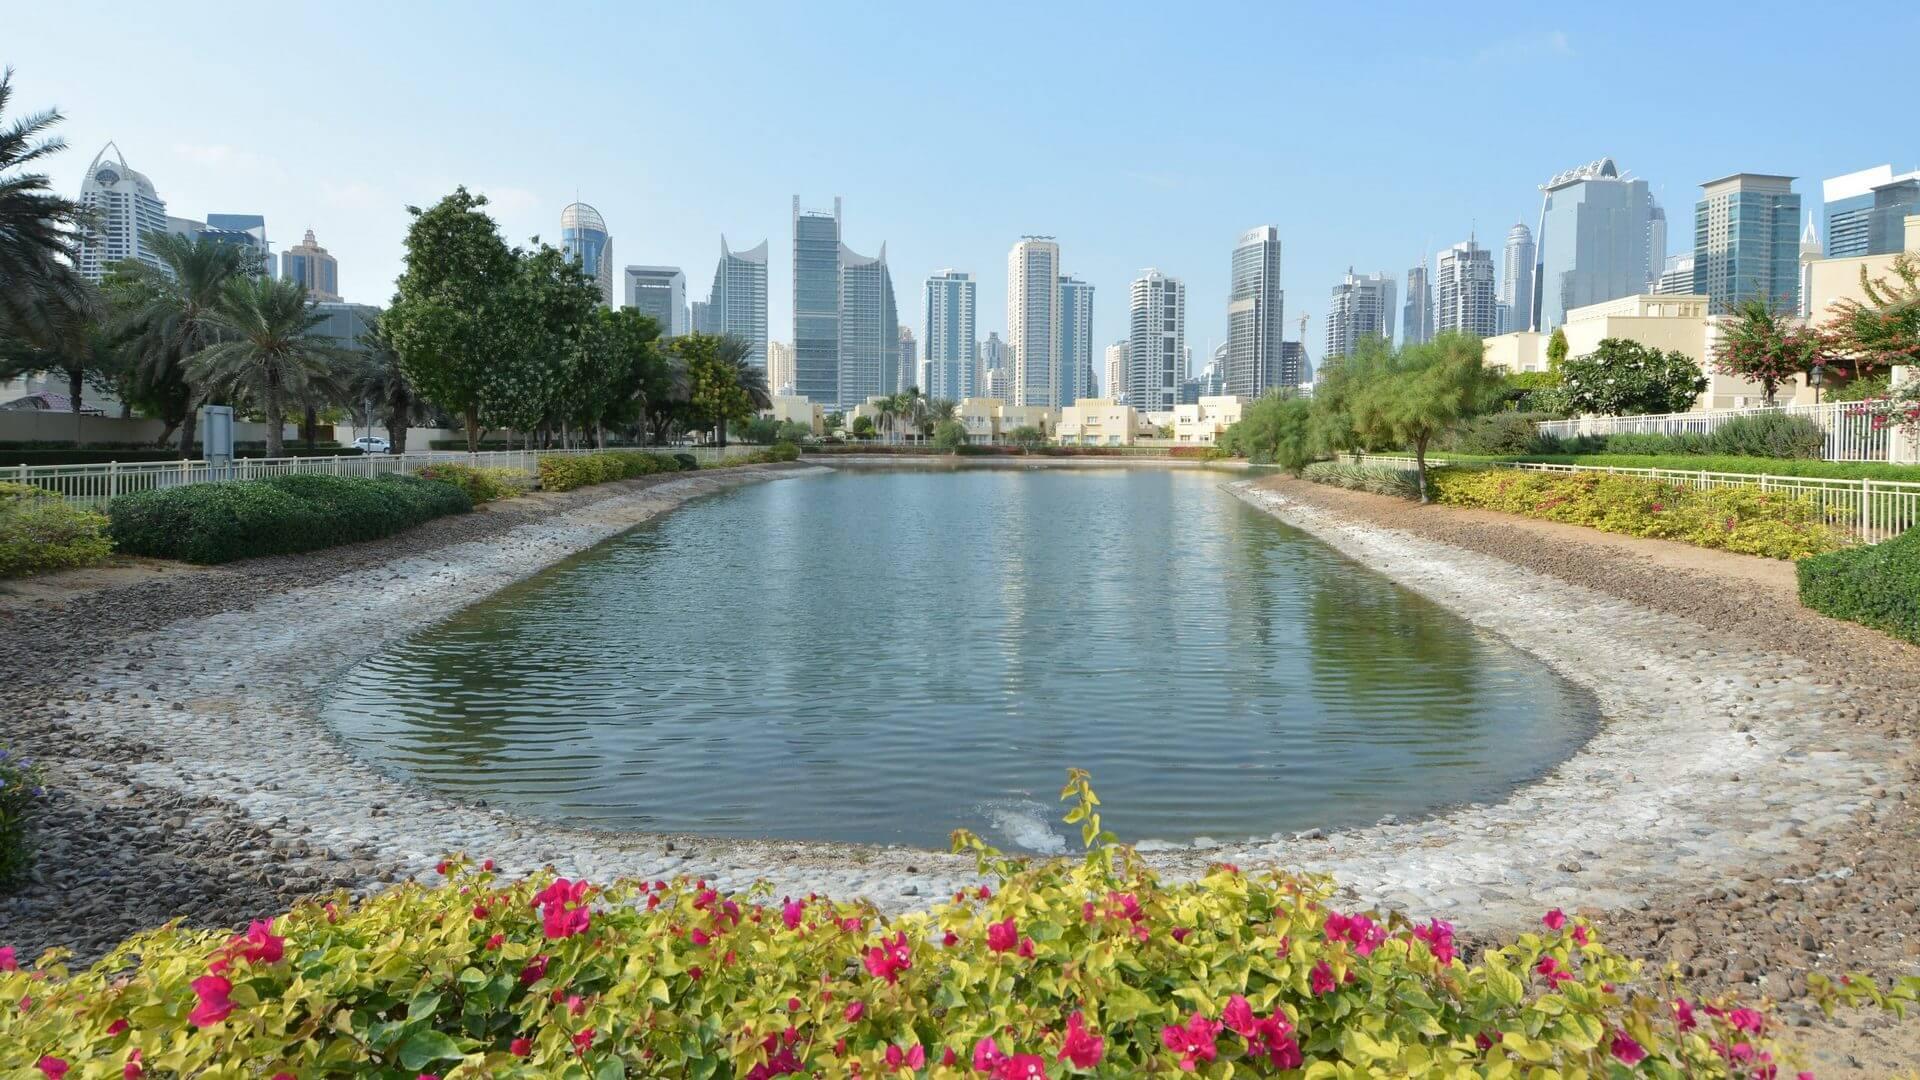 Villa en venta en Dubai, EAU, 4 dormitorios, 603 m2, № 24051 – foto 4